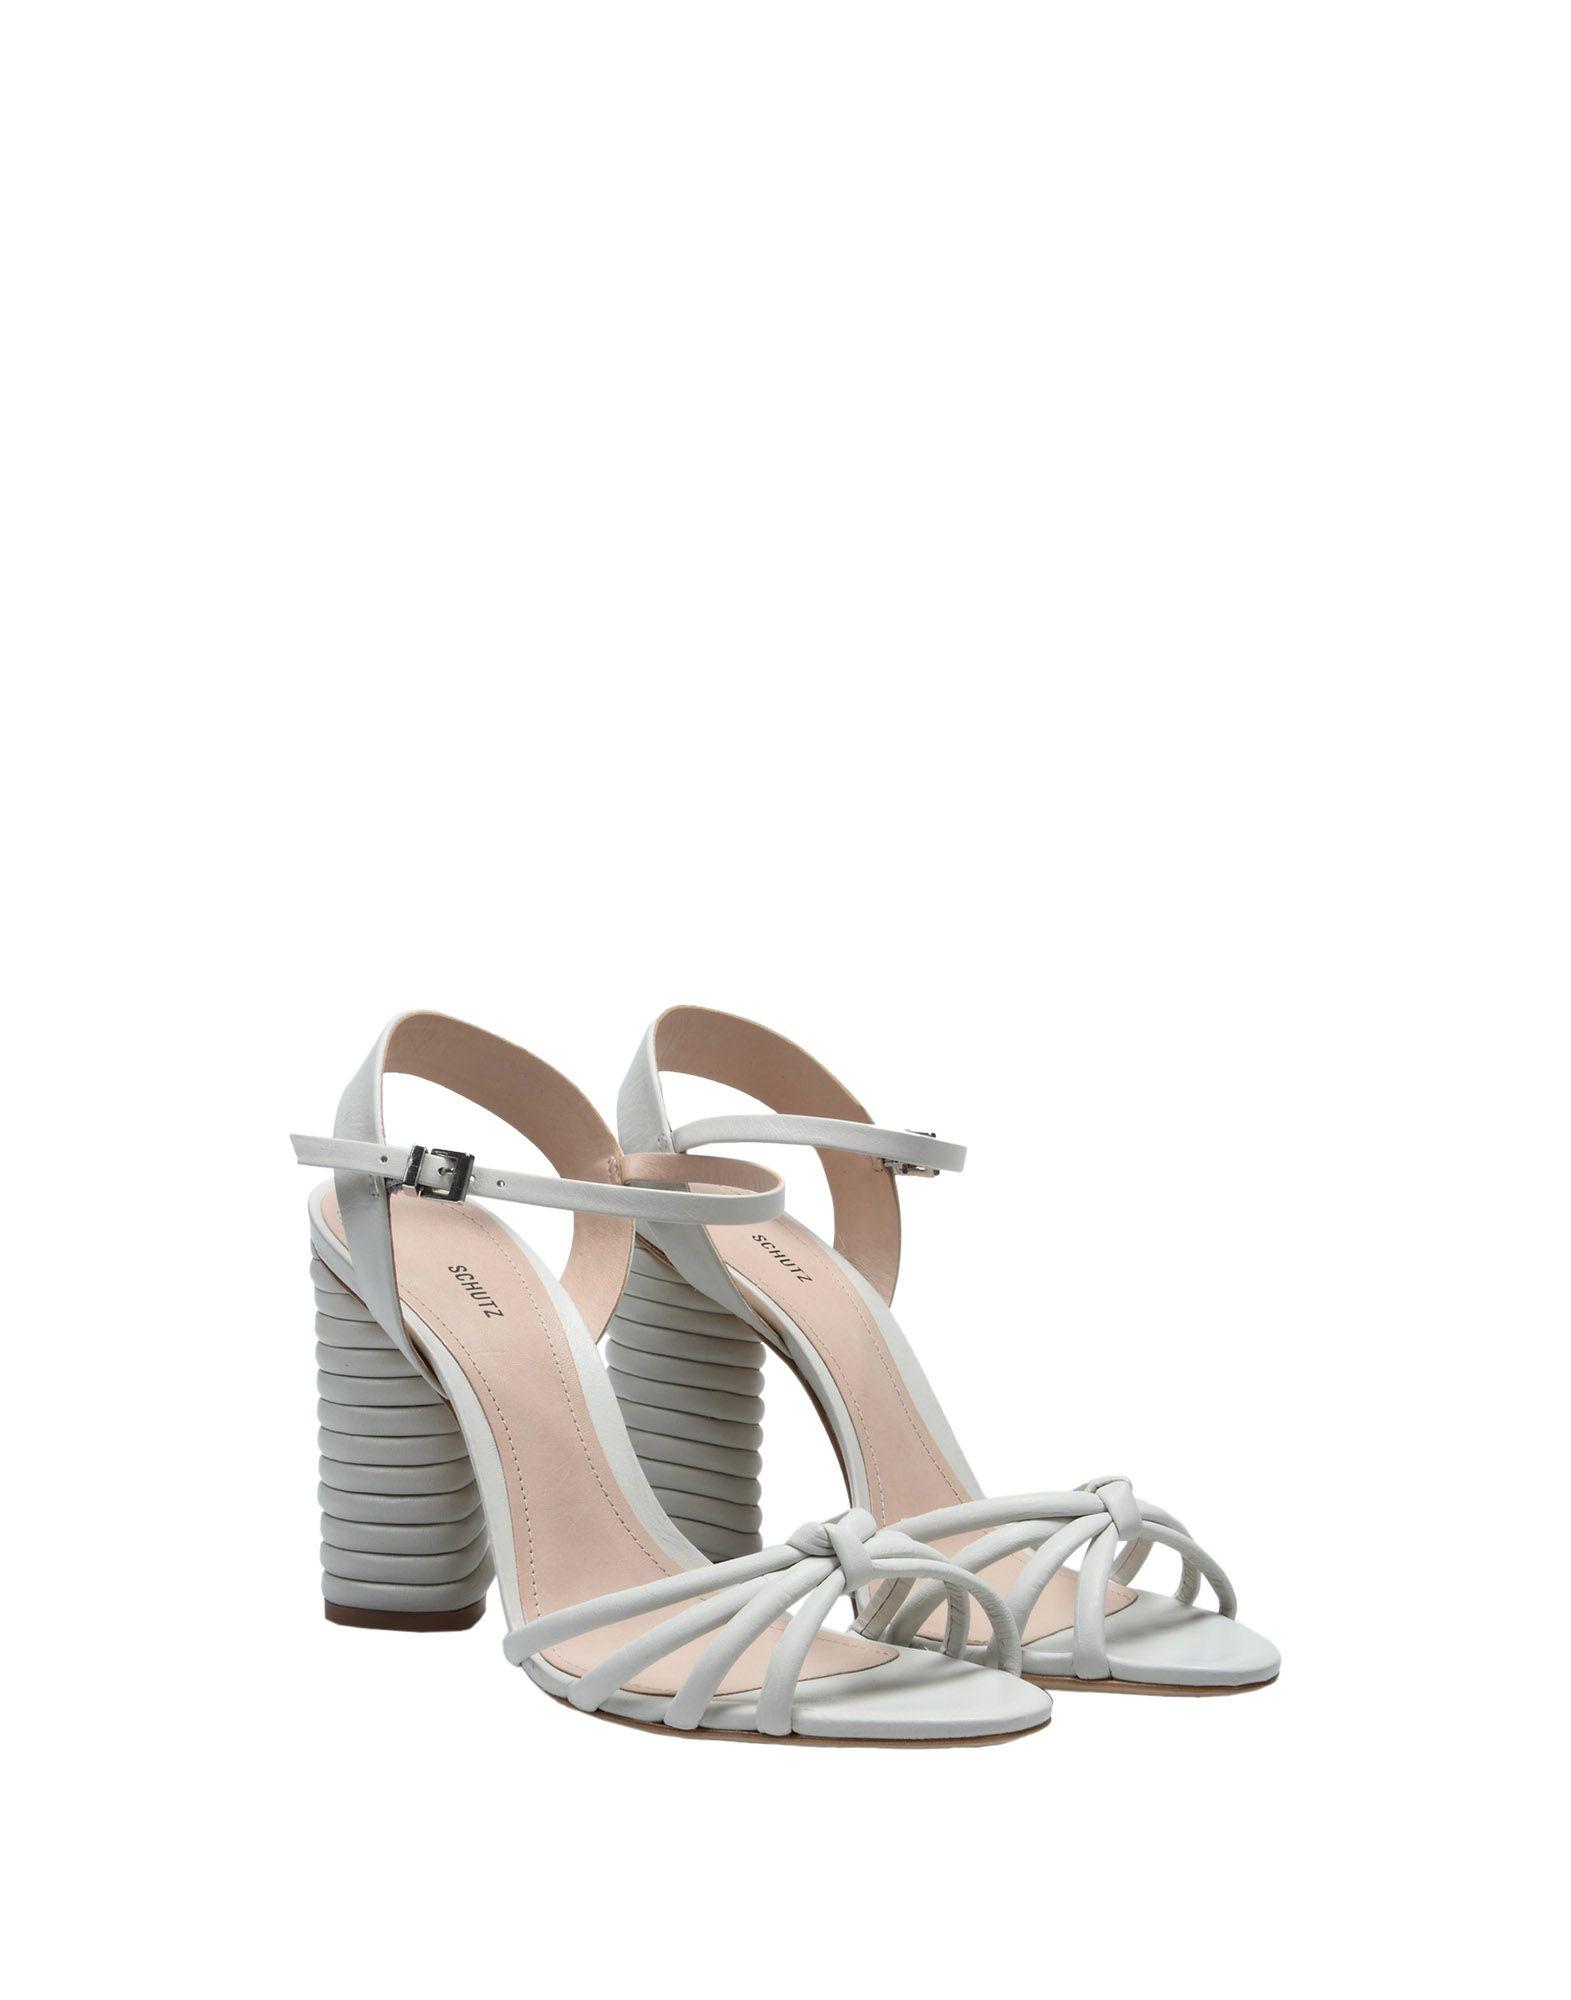 Schutz Sandalen Damen  11483111GD 11483111GD  Heiße Schuhe 6fb837